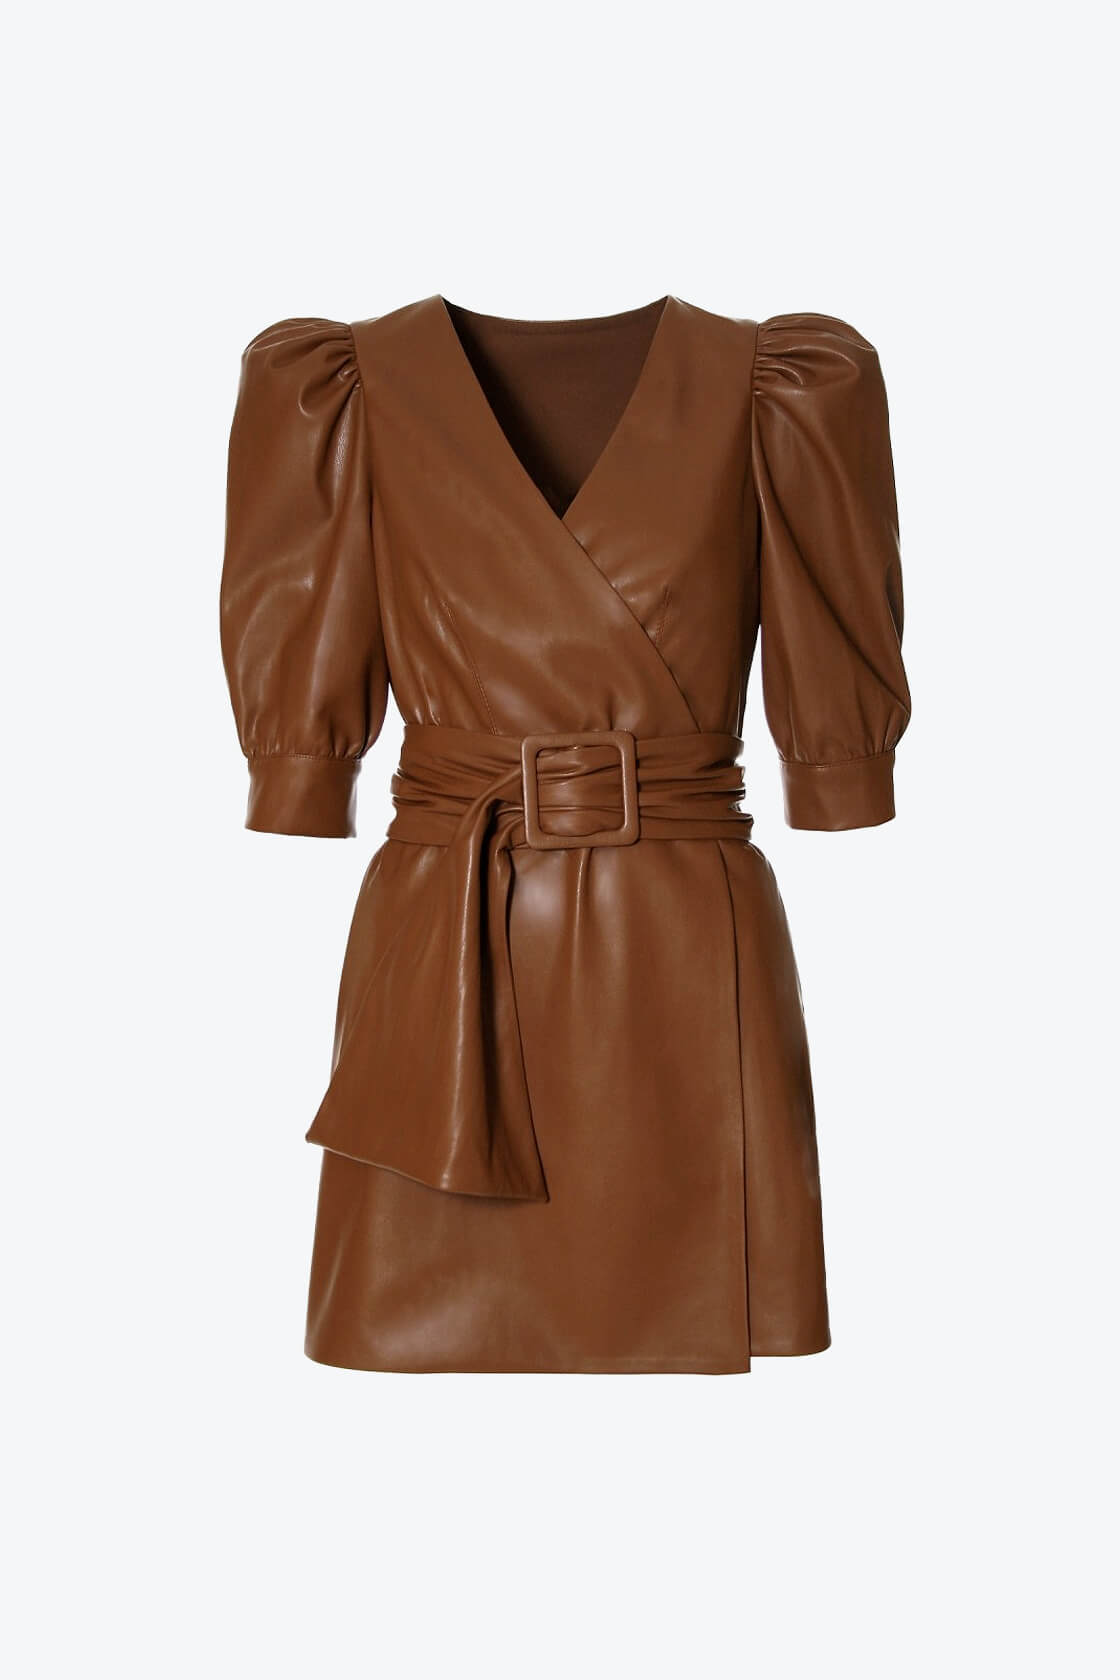 OL100002603 Dress Andrea Aztec1